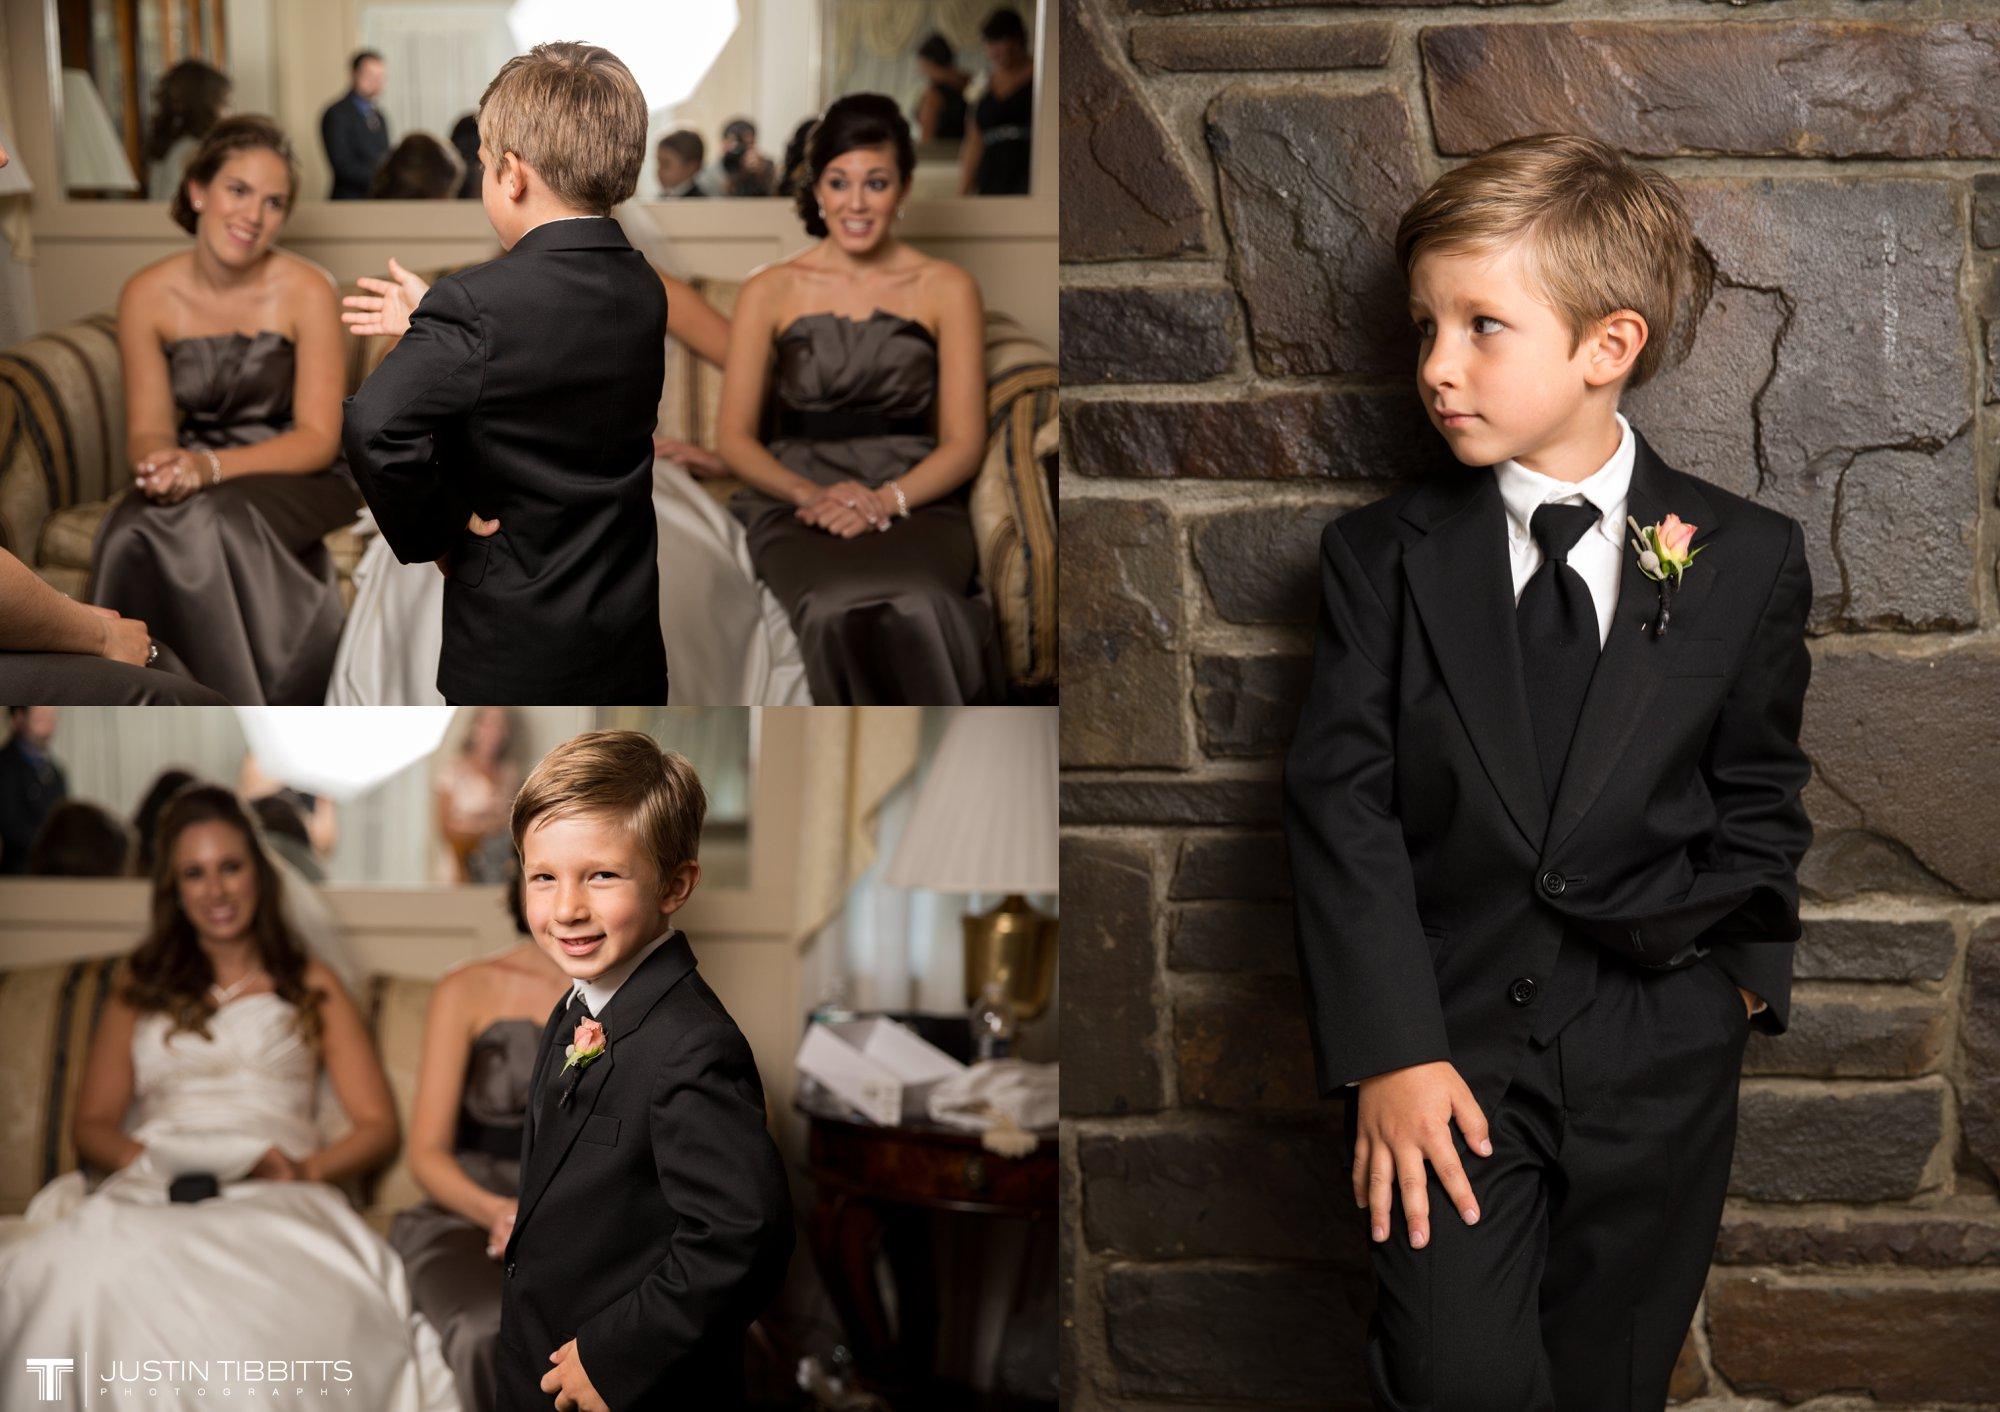 Albany NY Wedding Photographer Justin Tibbitts Photography Best of Albany NY Weddings 201415